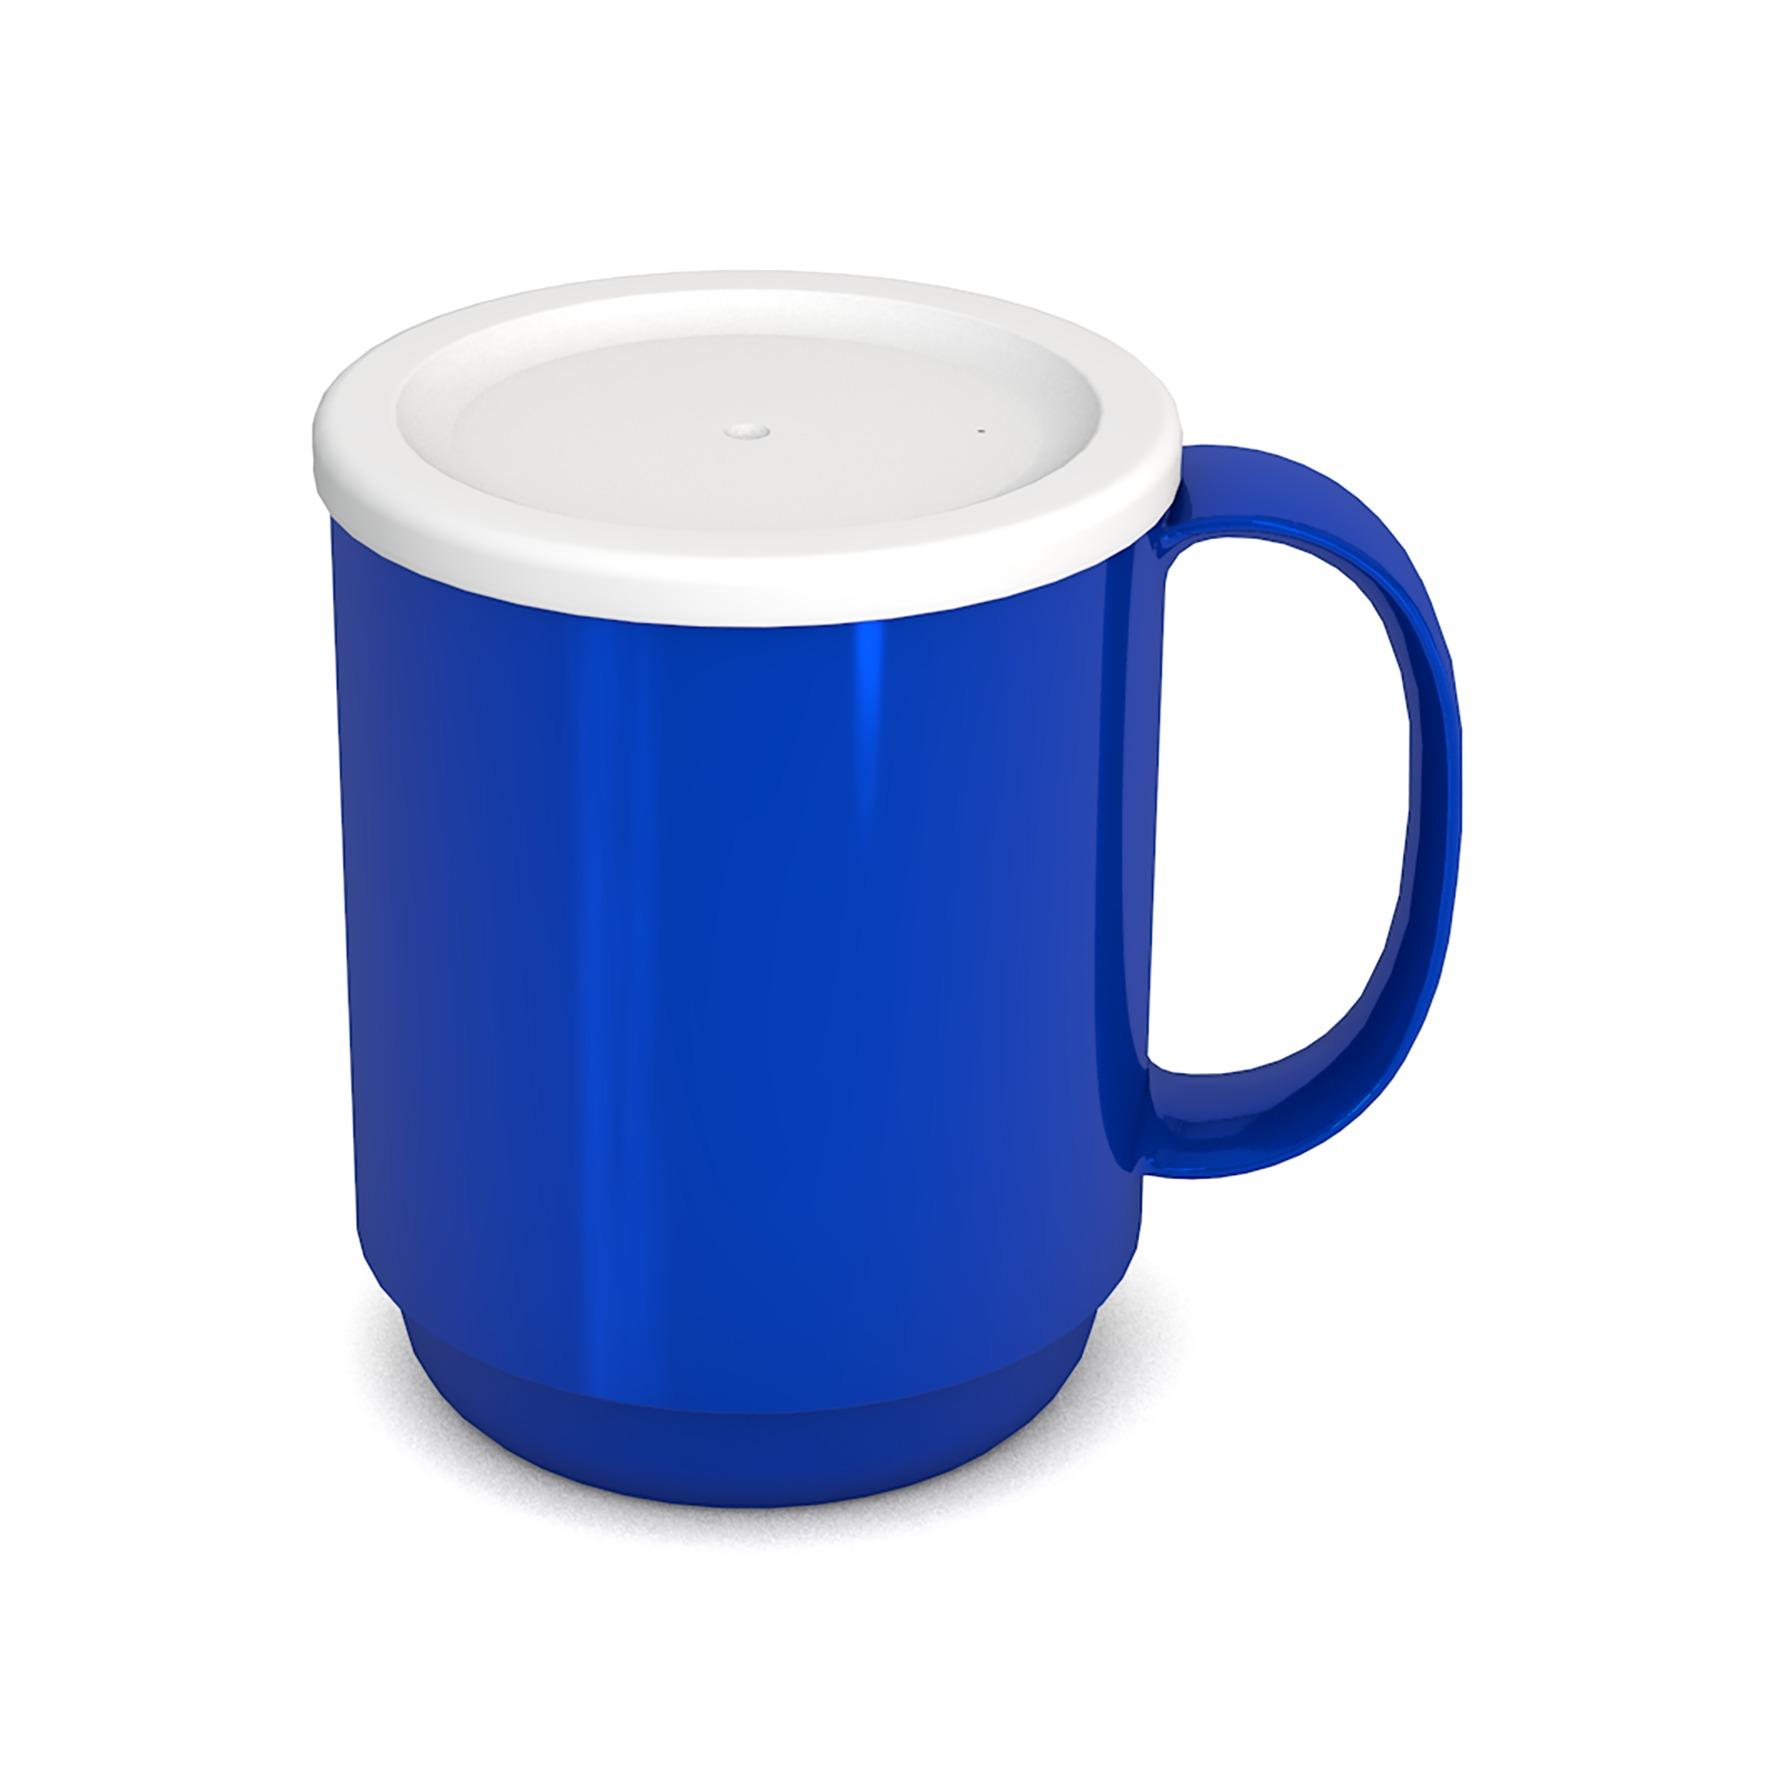 Large Mug with lid